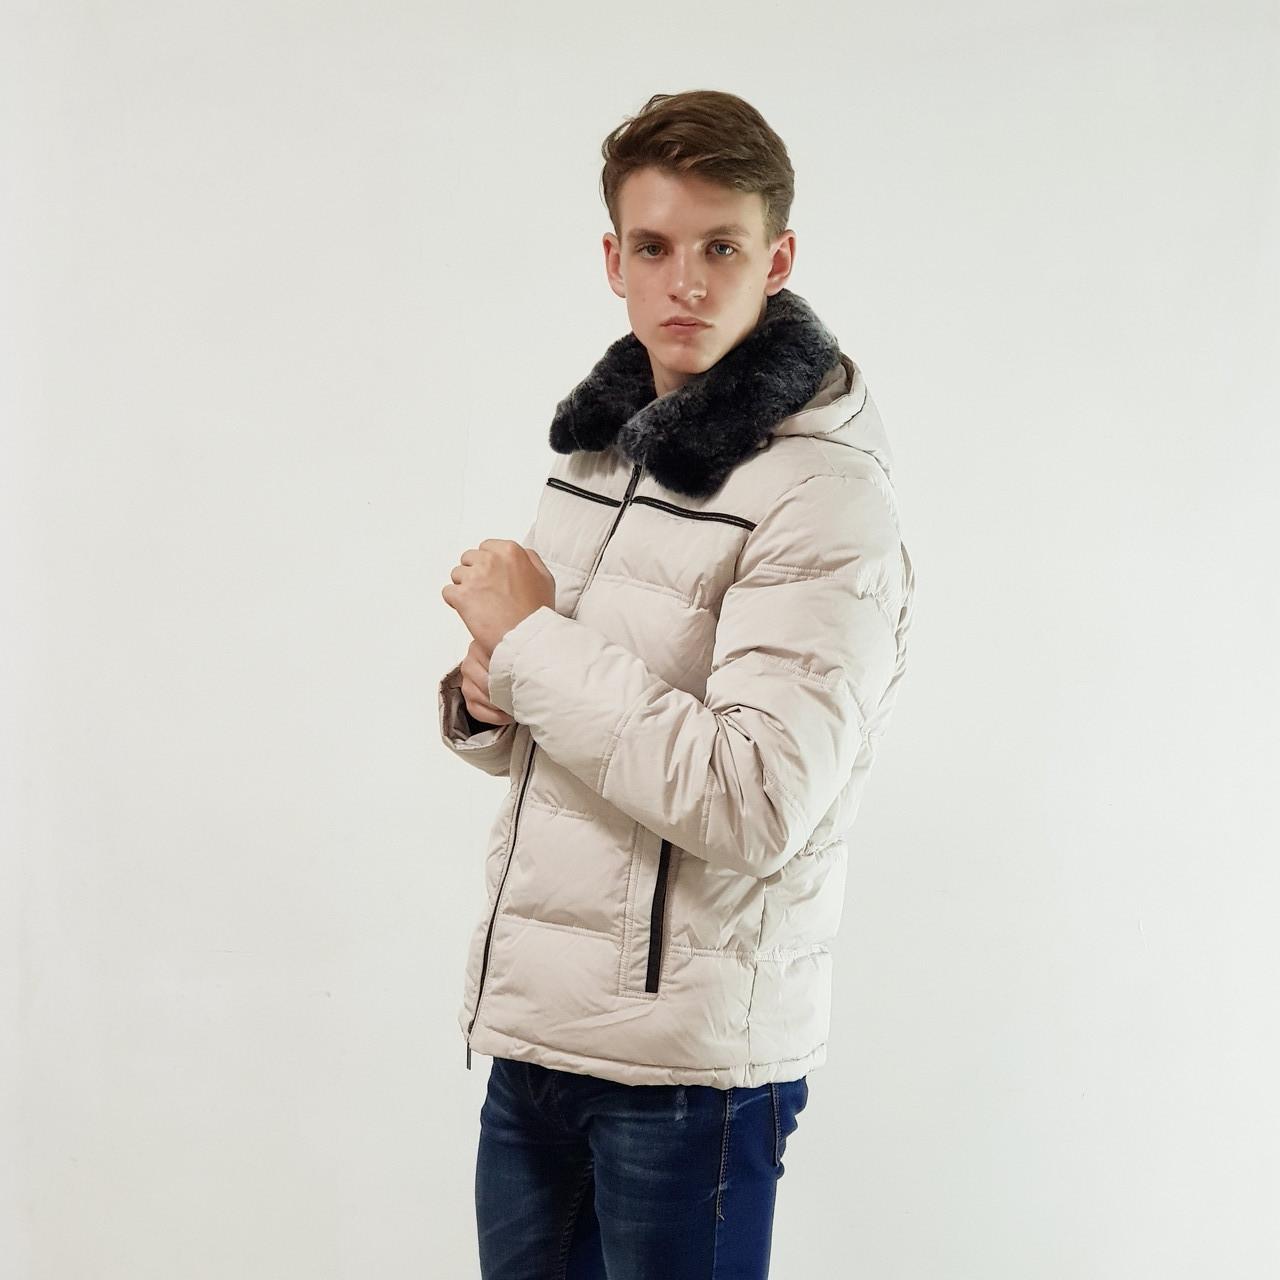 Лучший мужской пуховик Snowimage с мехом(кролик) бежевый зимний на пуху с капюшоном, скидки